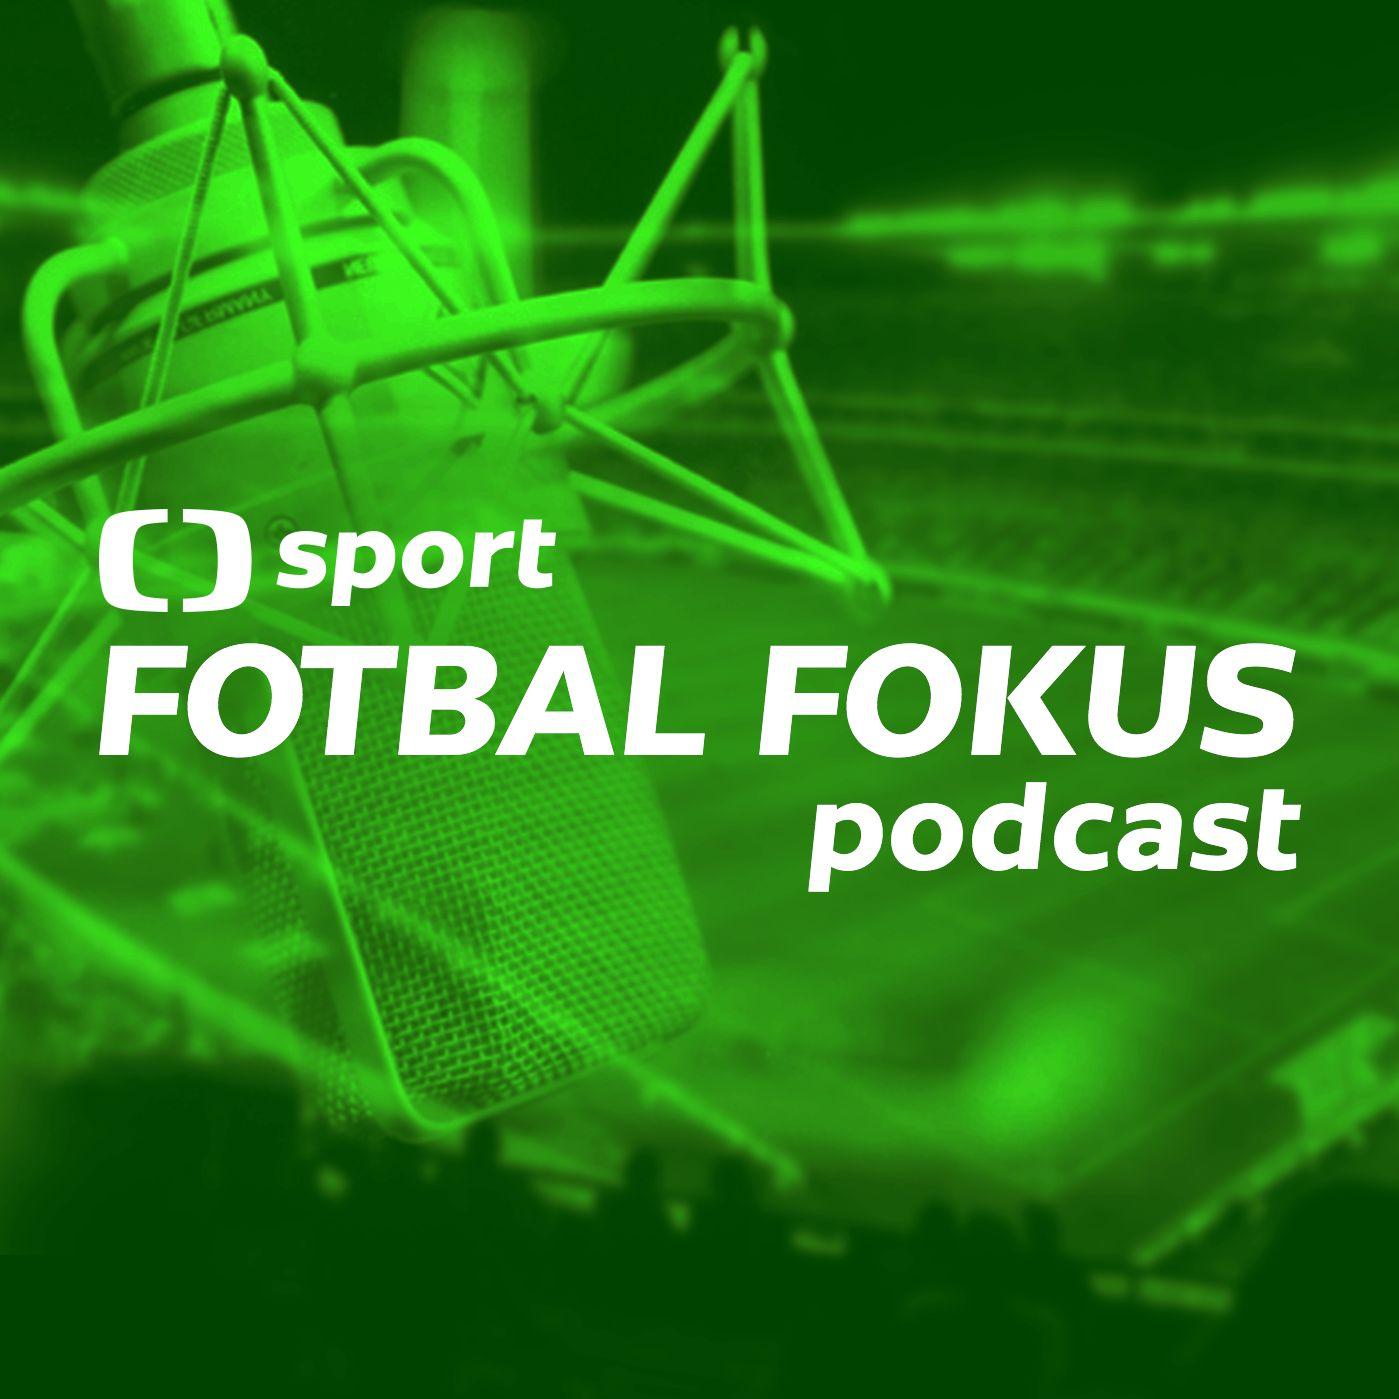 Fotbal fokus podcast: Jak bude fungovat Trpišovského revoluce ve Slavii?